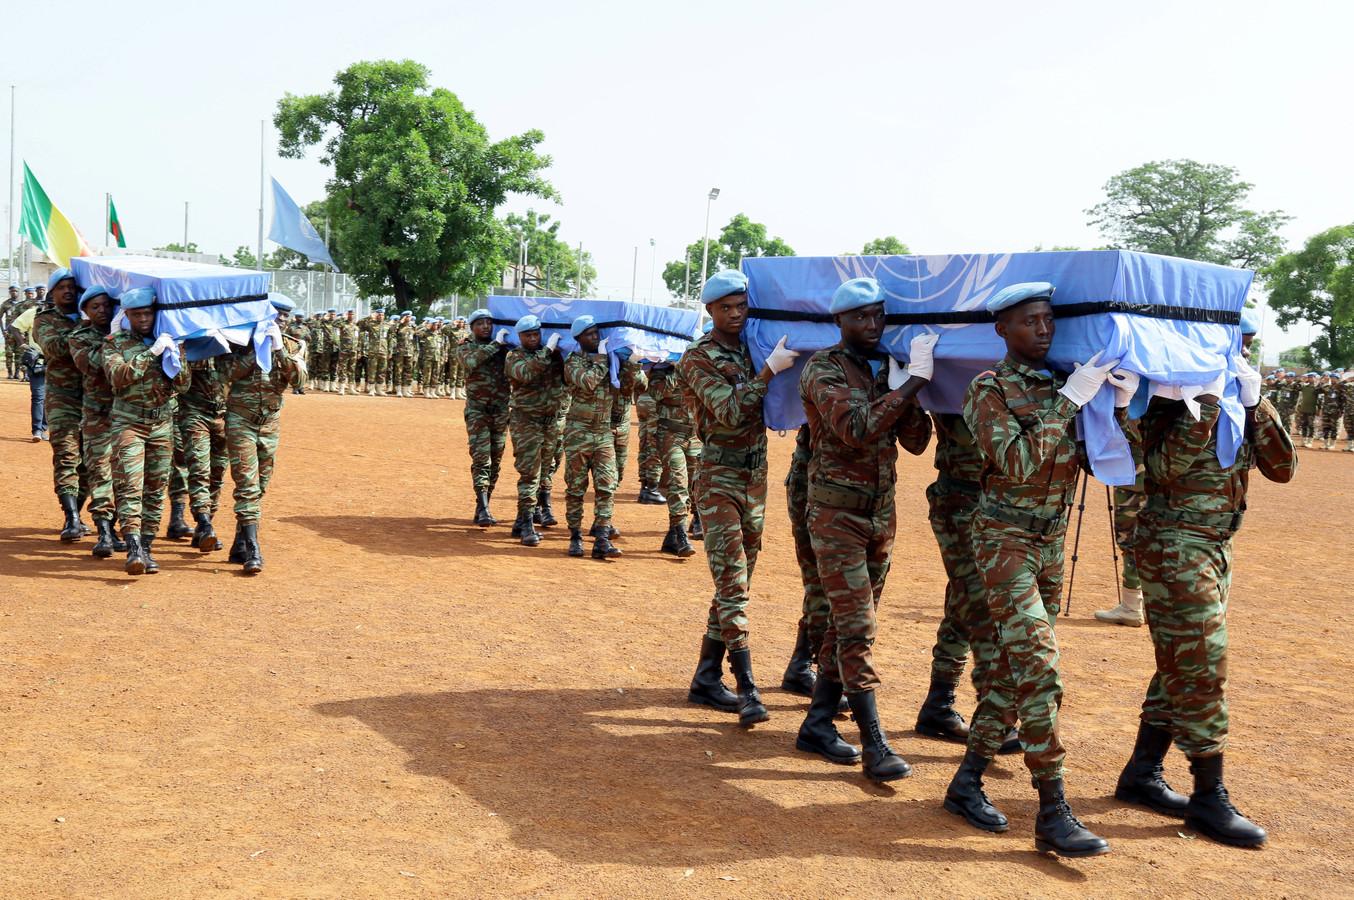 Twee jaar geleden kwamen er in Mali ook blauwhelmen om het leven door een explosie. Het ging om drie VN-soldaten uit Bangladesh.